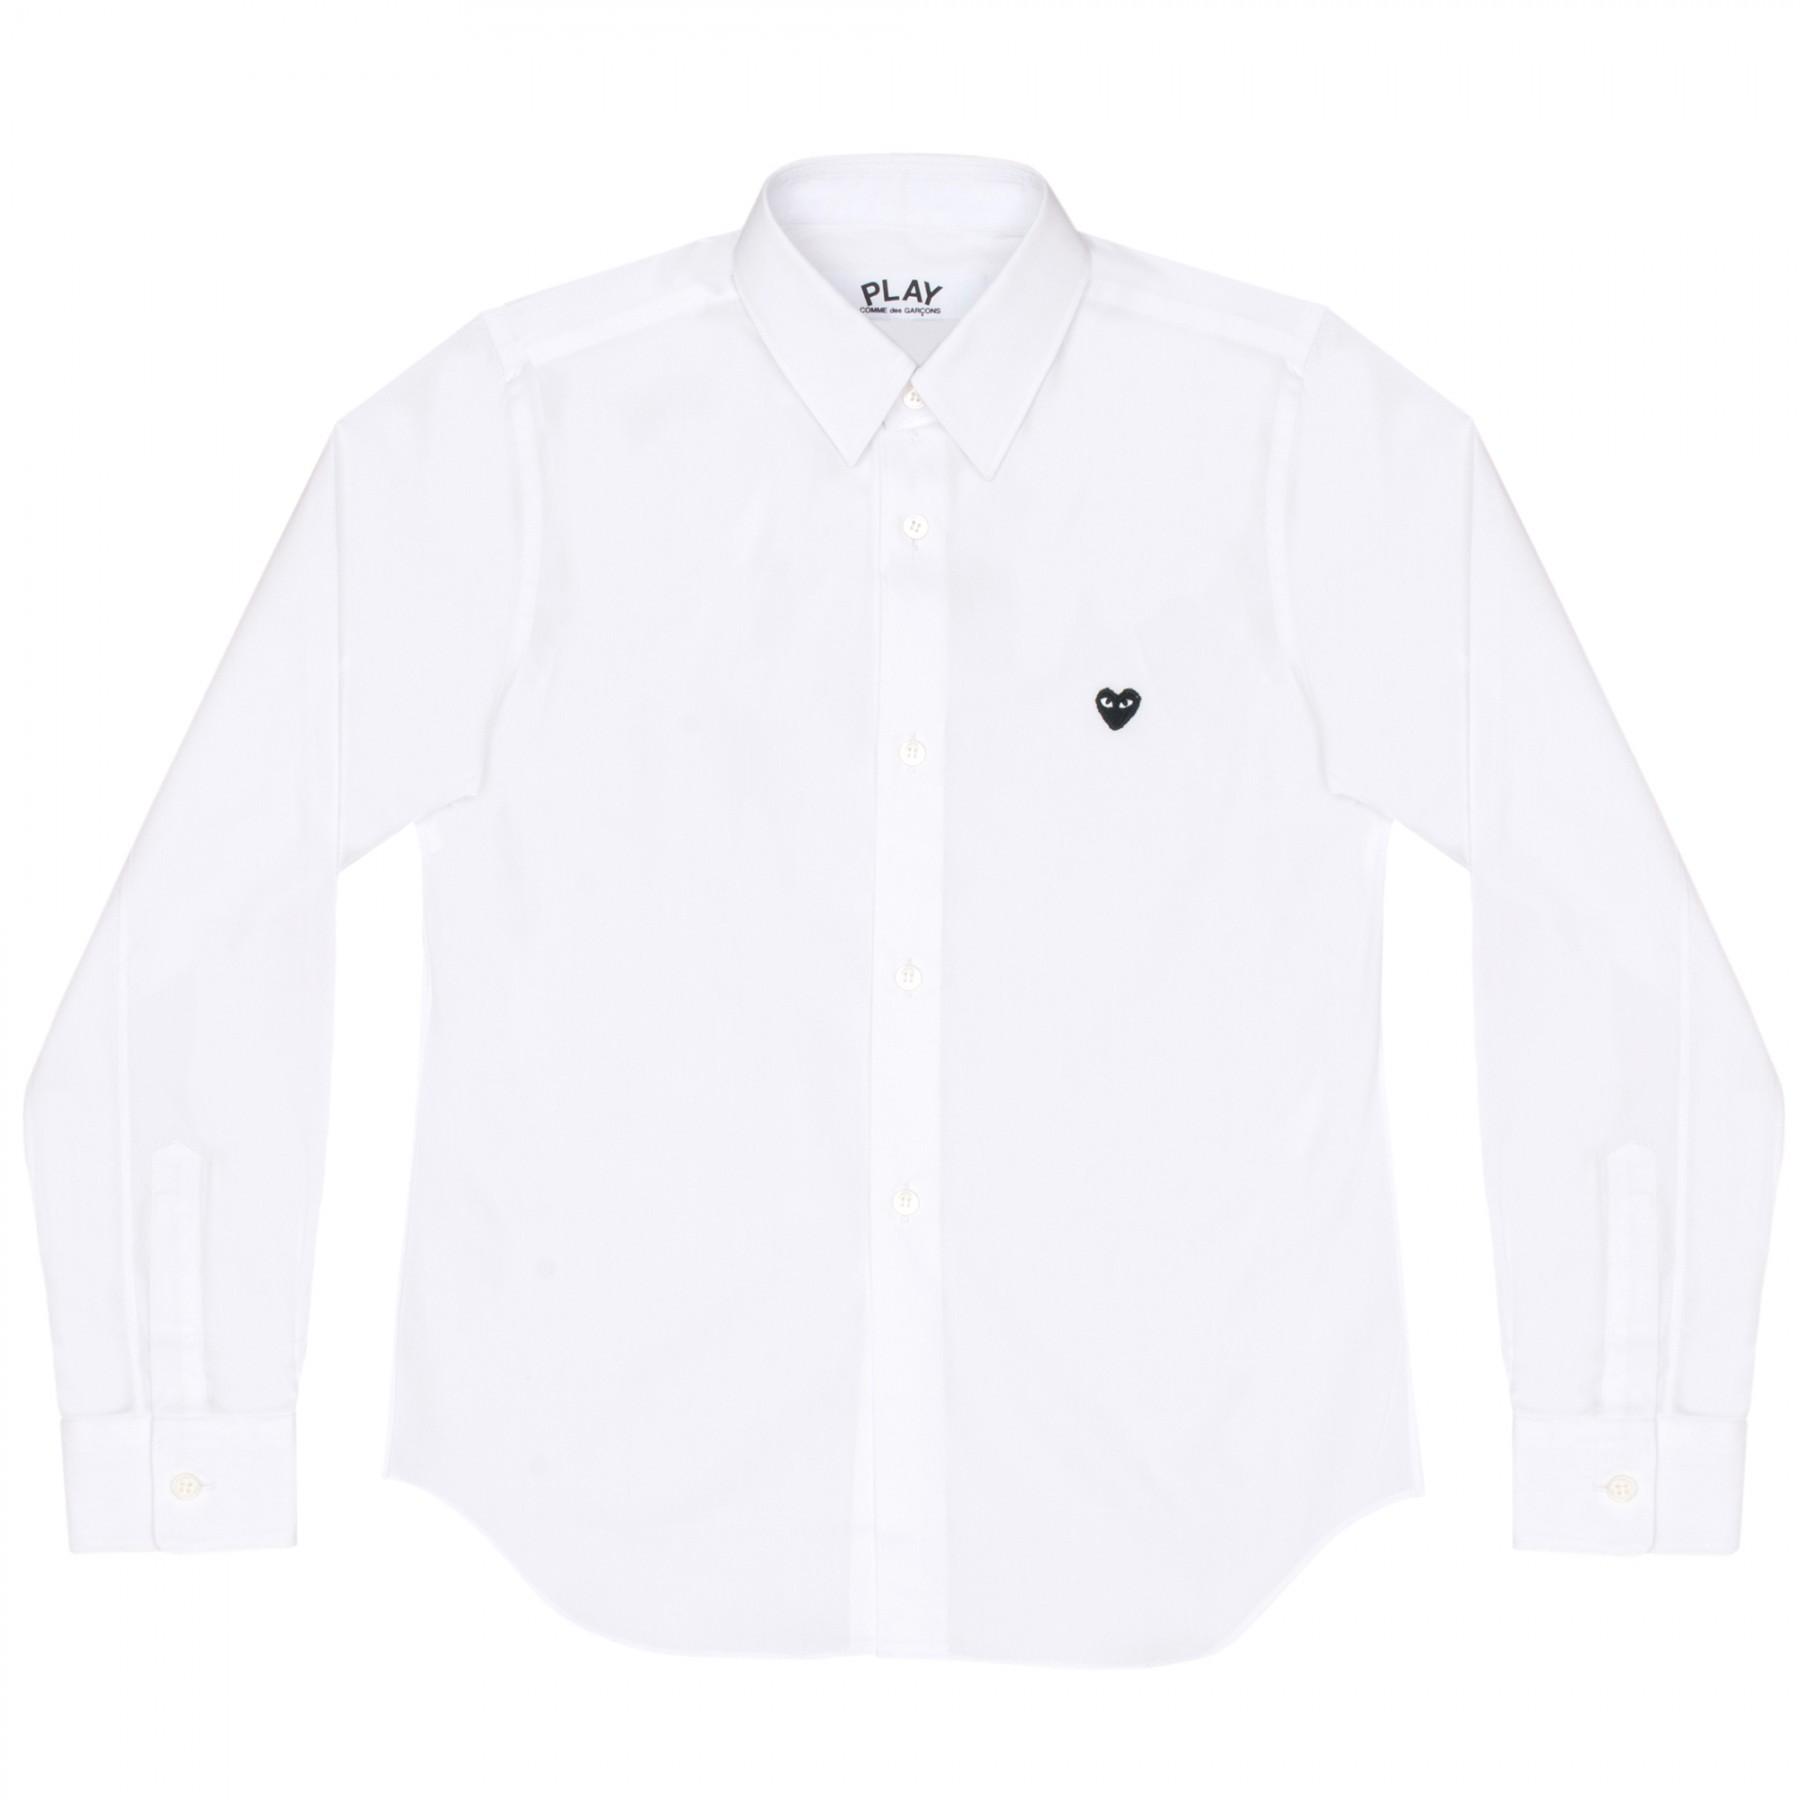 꼼데가르송 PLAY 와이셔츠 리틀 블랙하트 (여성)